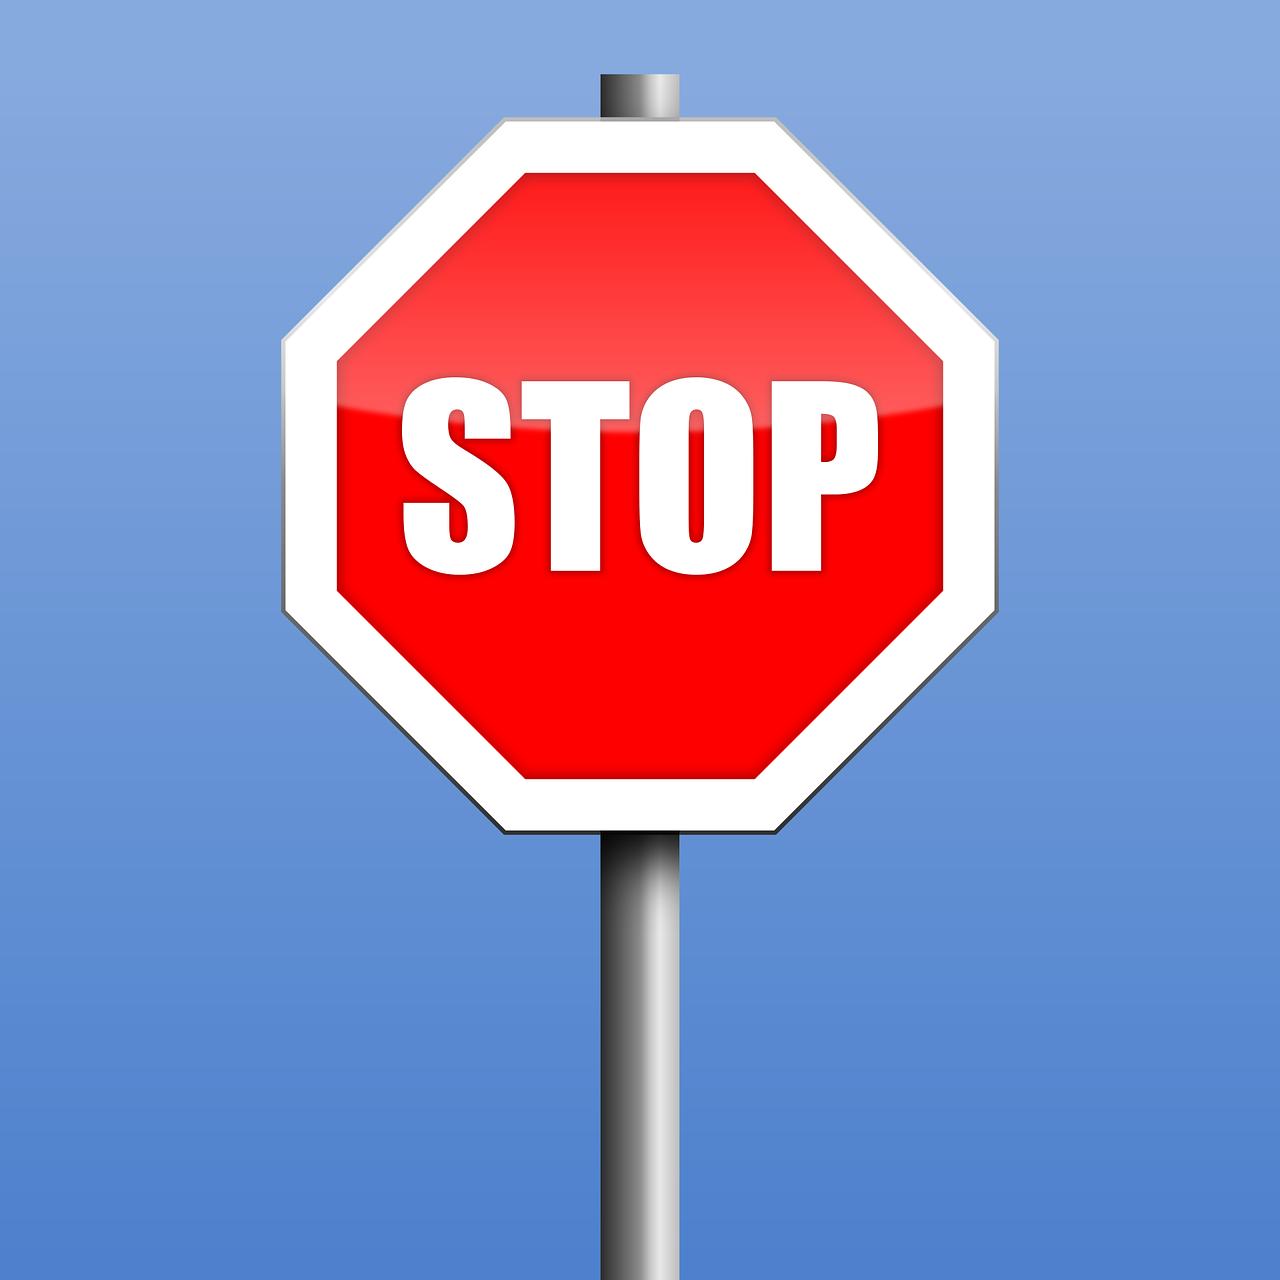 stop, road sign, warning